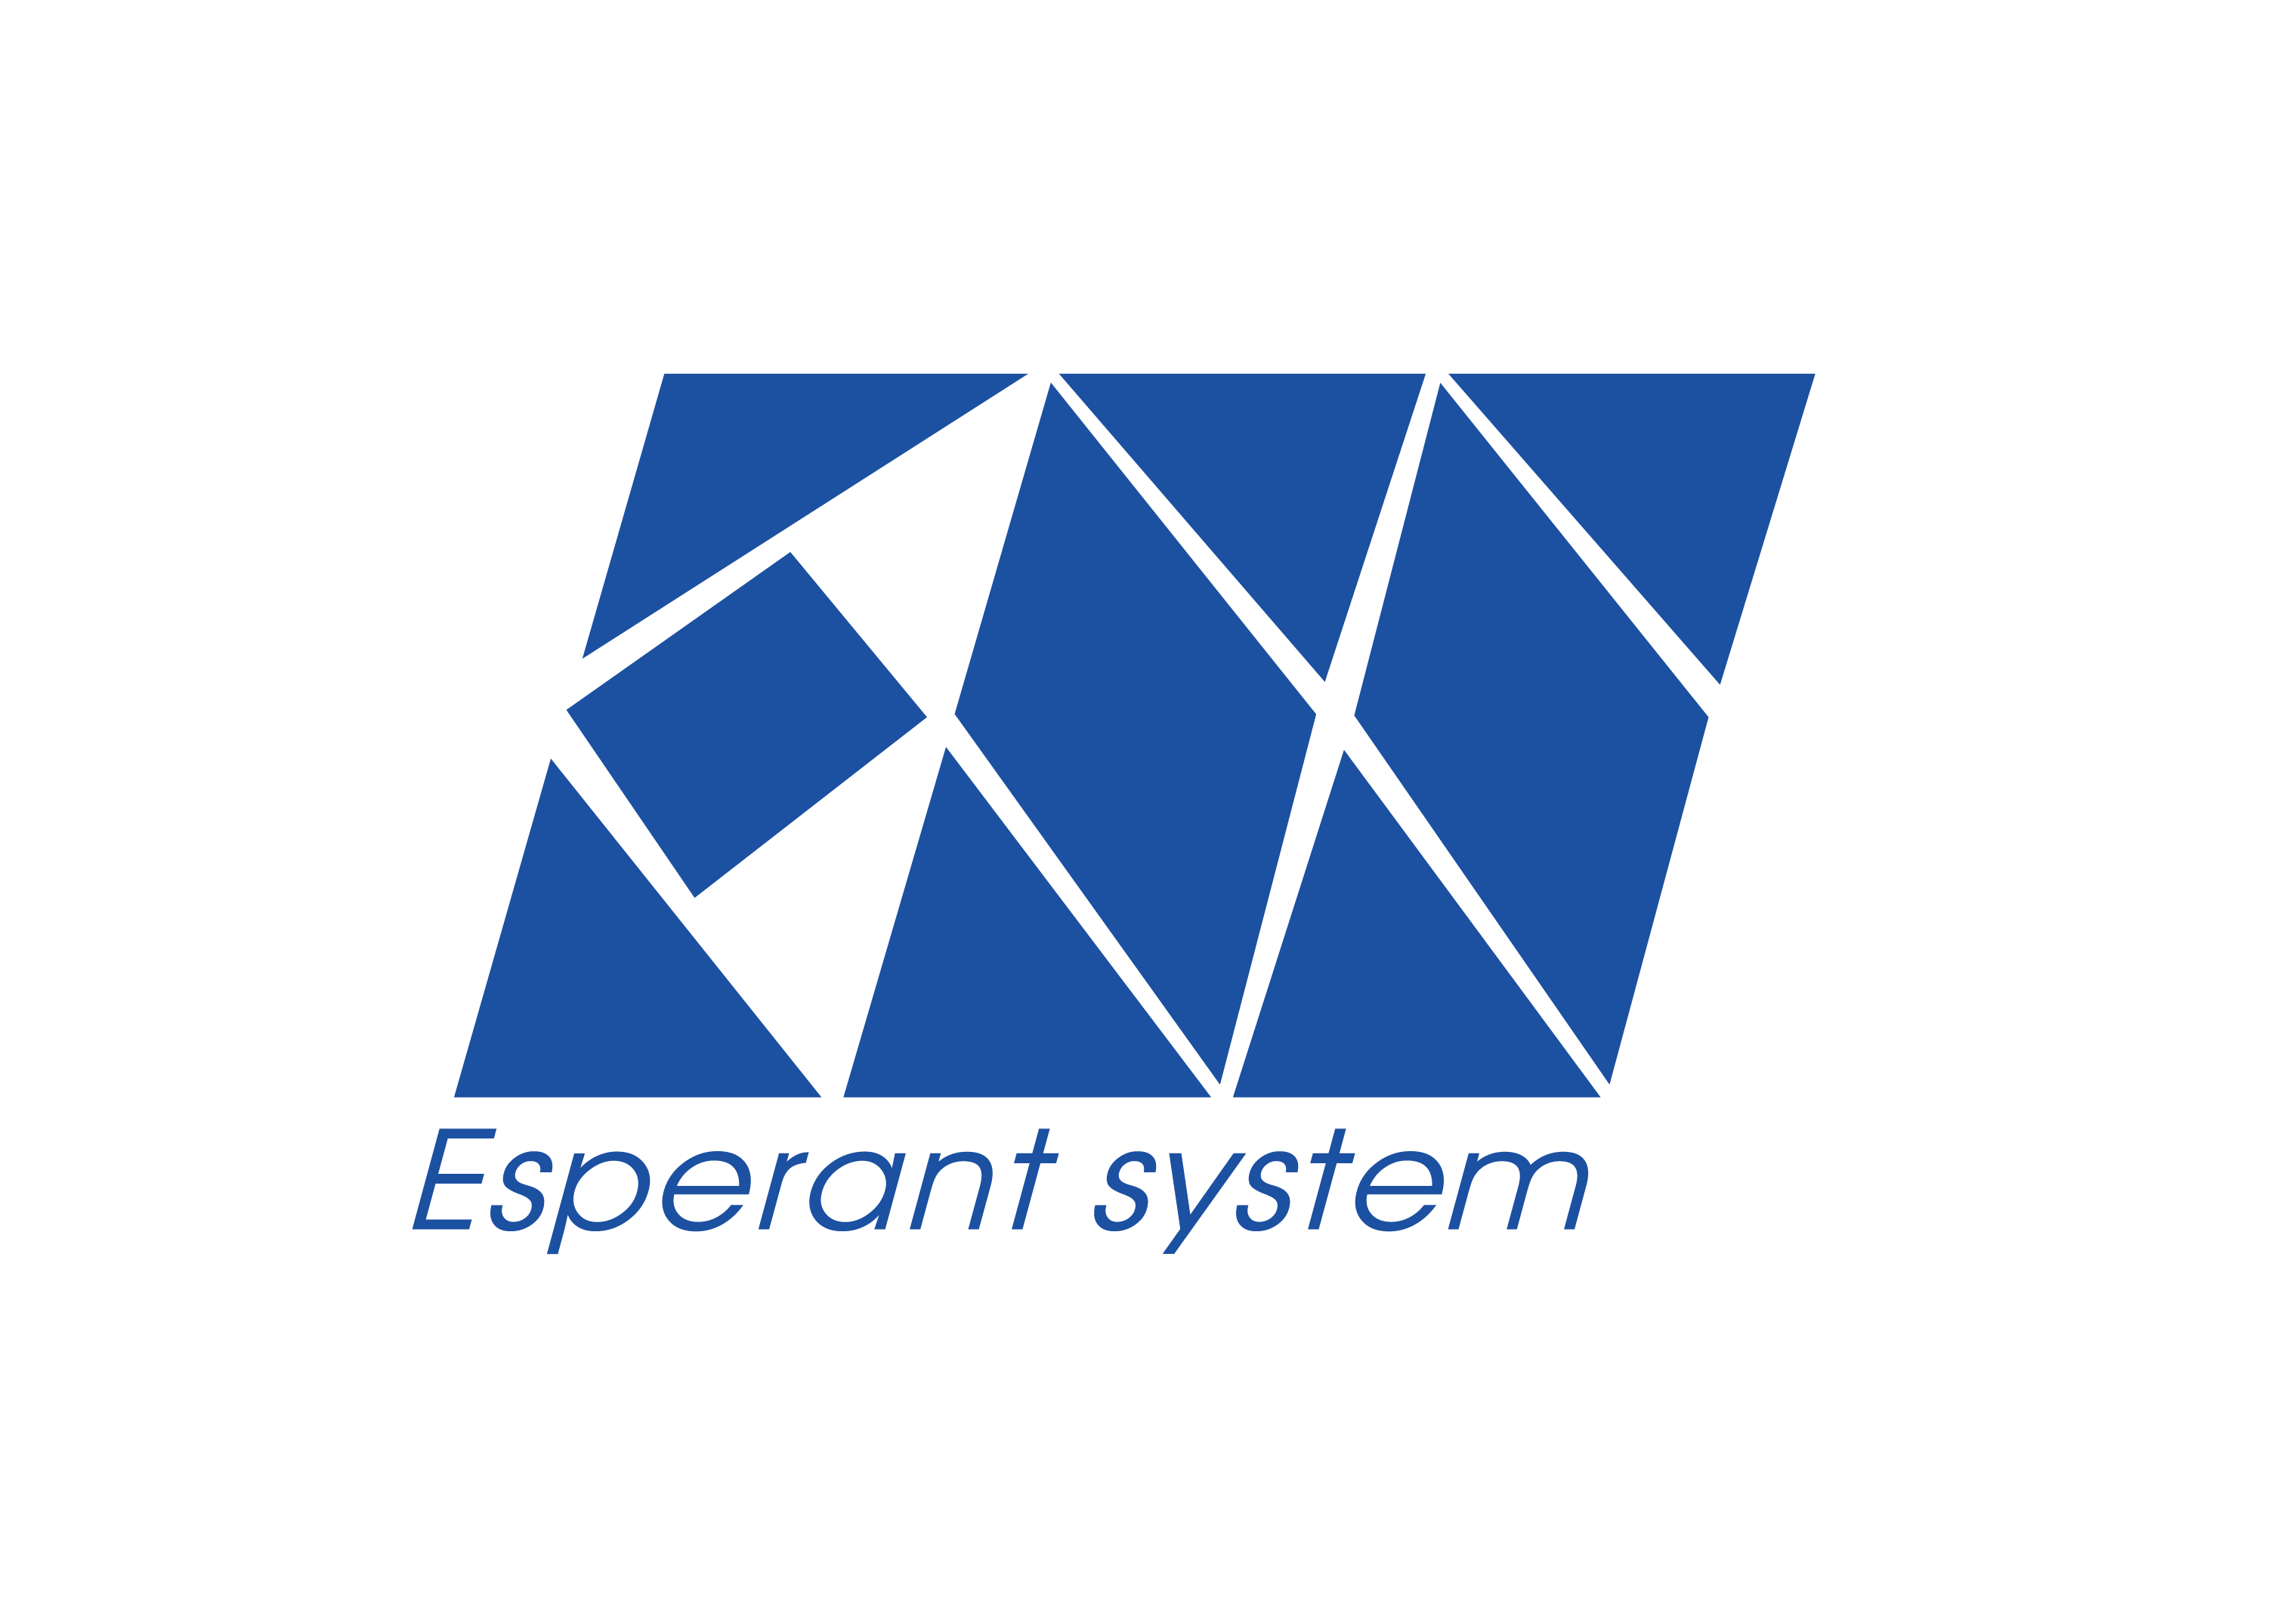 株式会社エスペラントシステム様